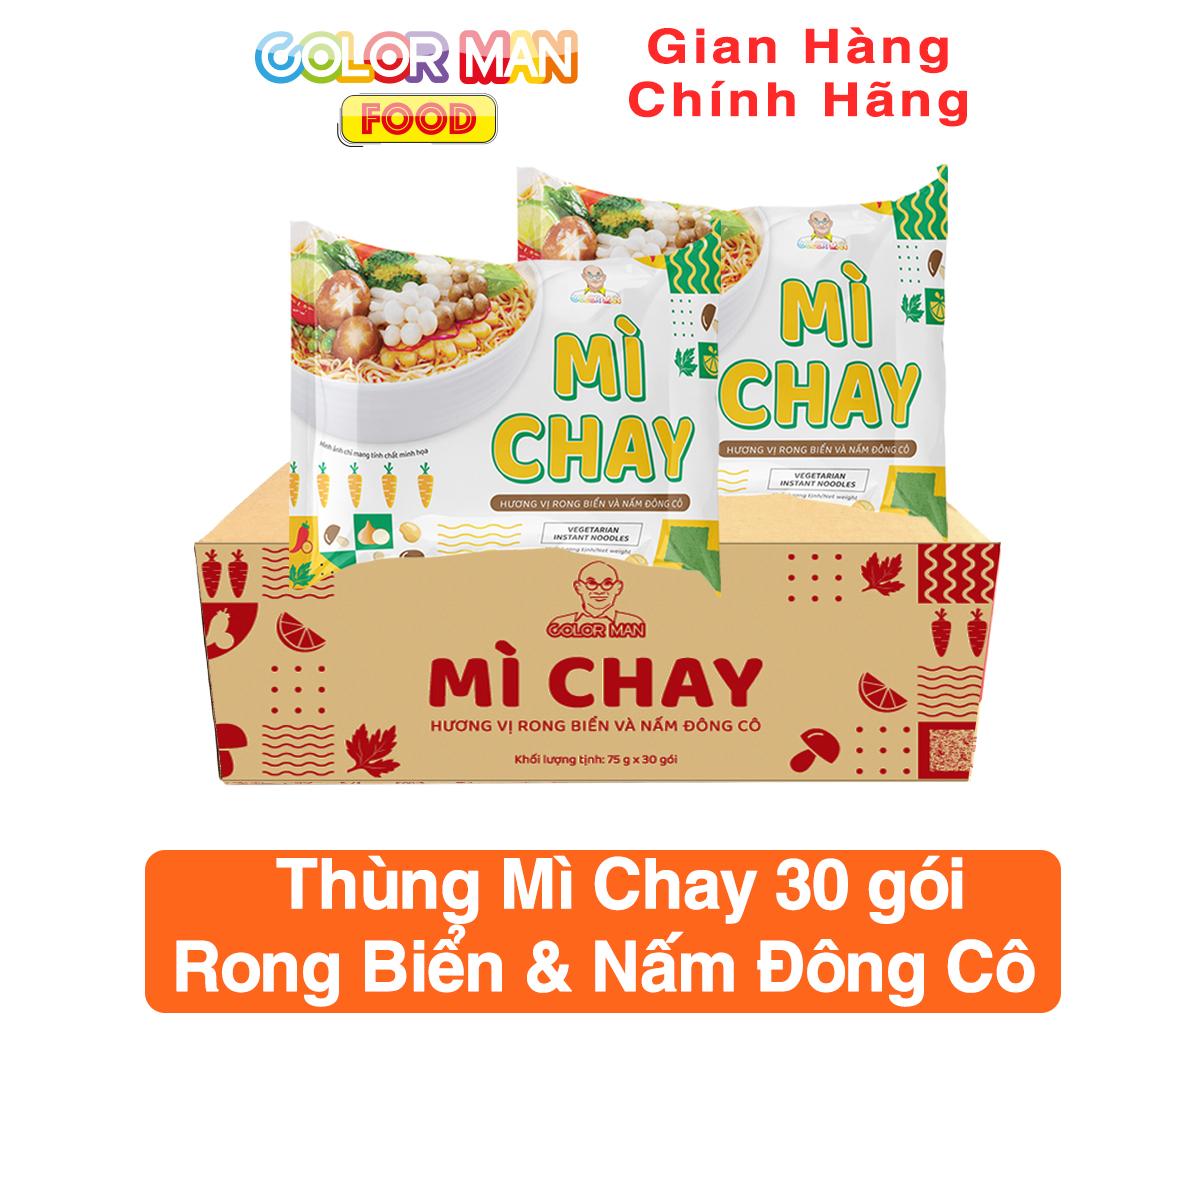 [HCM]Thùng 30 gói mì chay Color Man hương vị rong biển và nấm đông cô giòn mềm không gắt dầu tăng độ ngon khi ăn